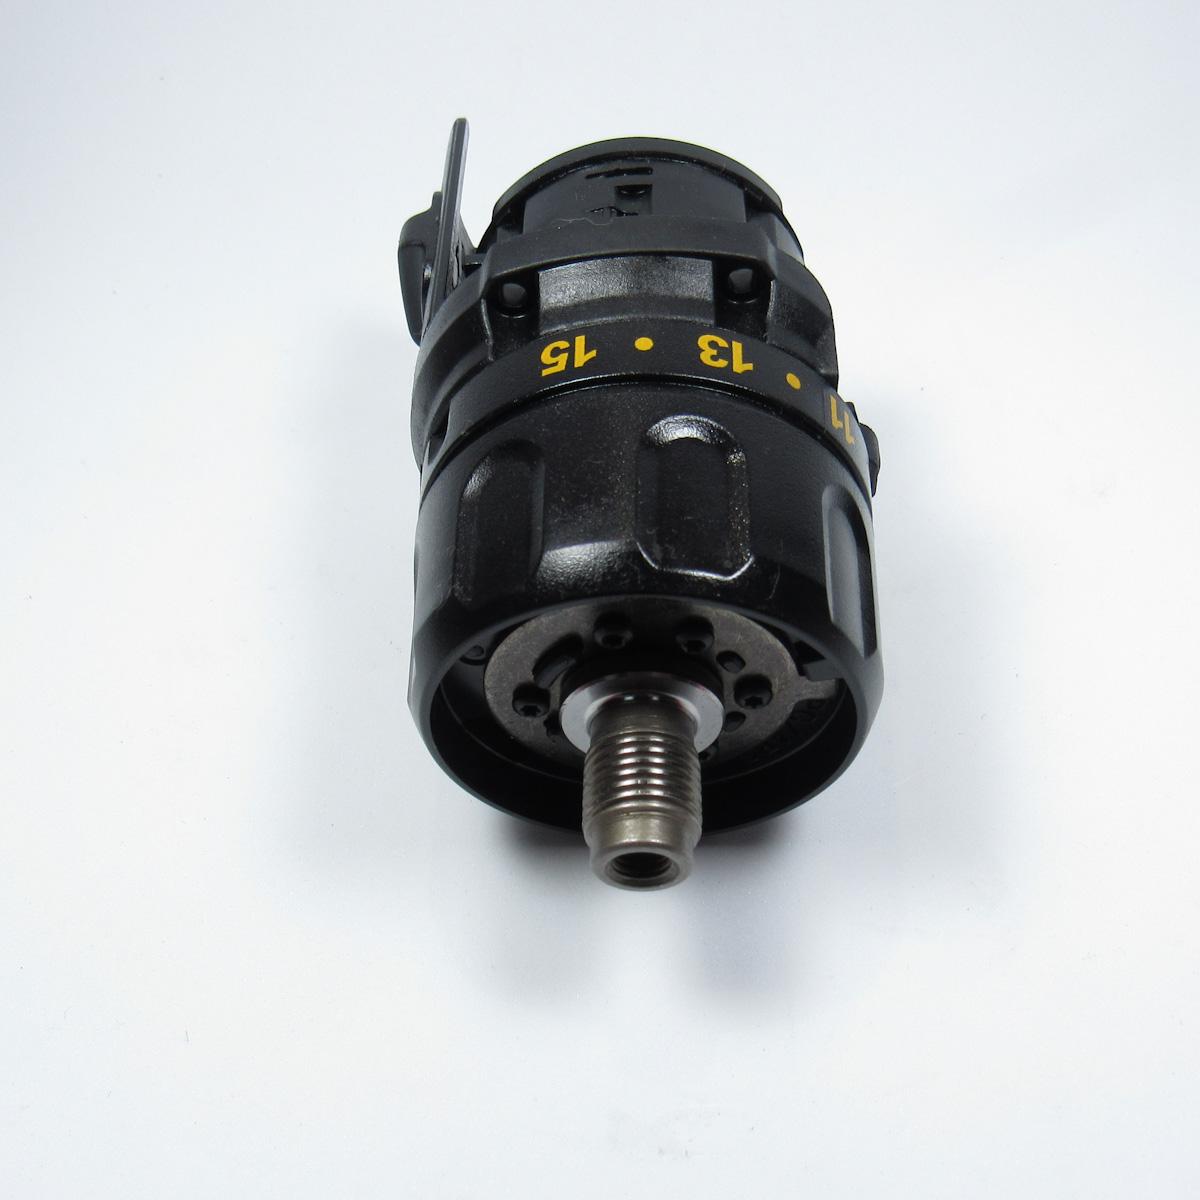 Conjunto Transmissão Dewalt para Parafusadeira a Bateria 20V Bivolt - N267879